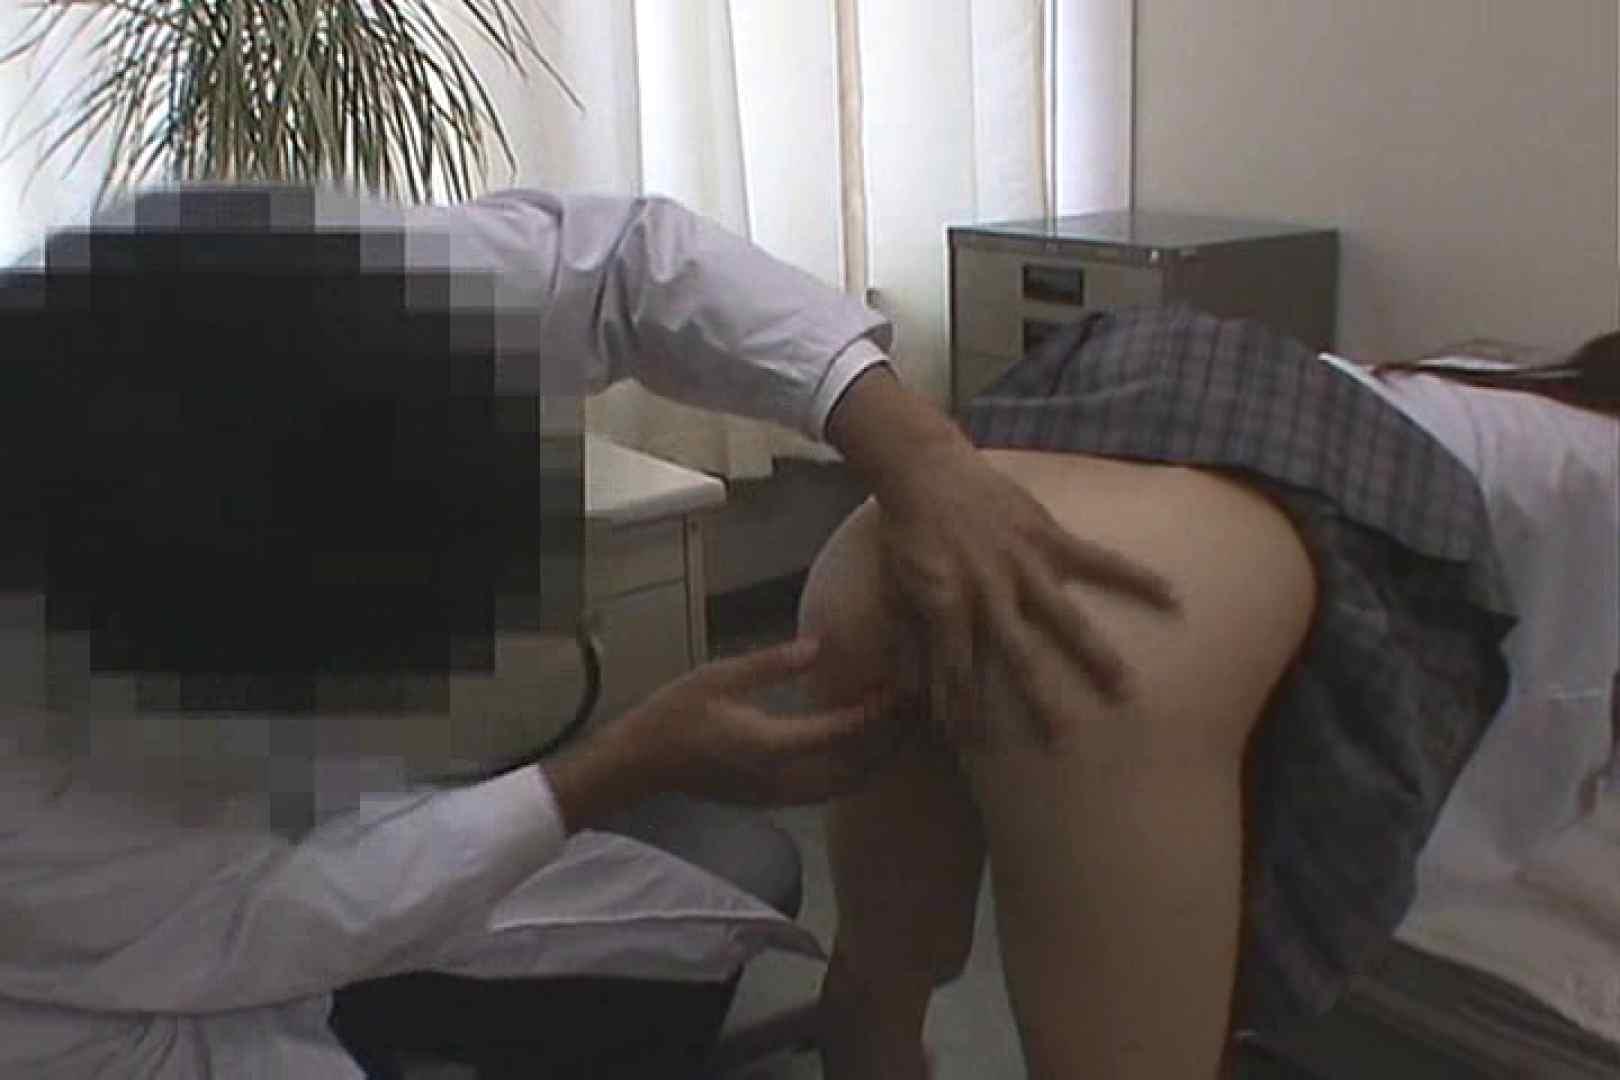 放課後居残り内科検診Vol.2 セックス   手マン  52画像 26